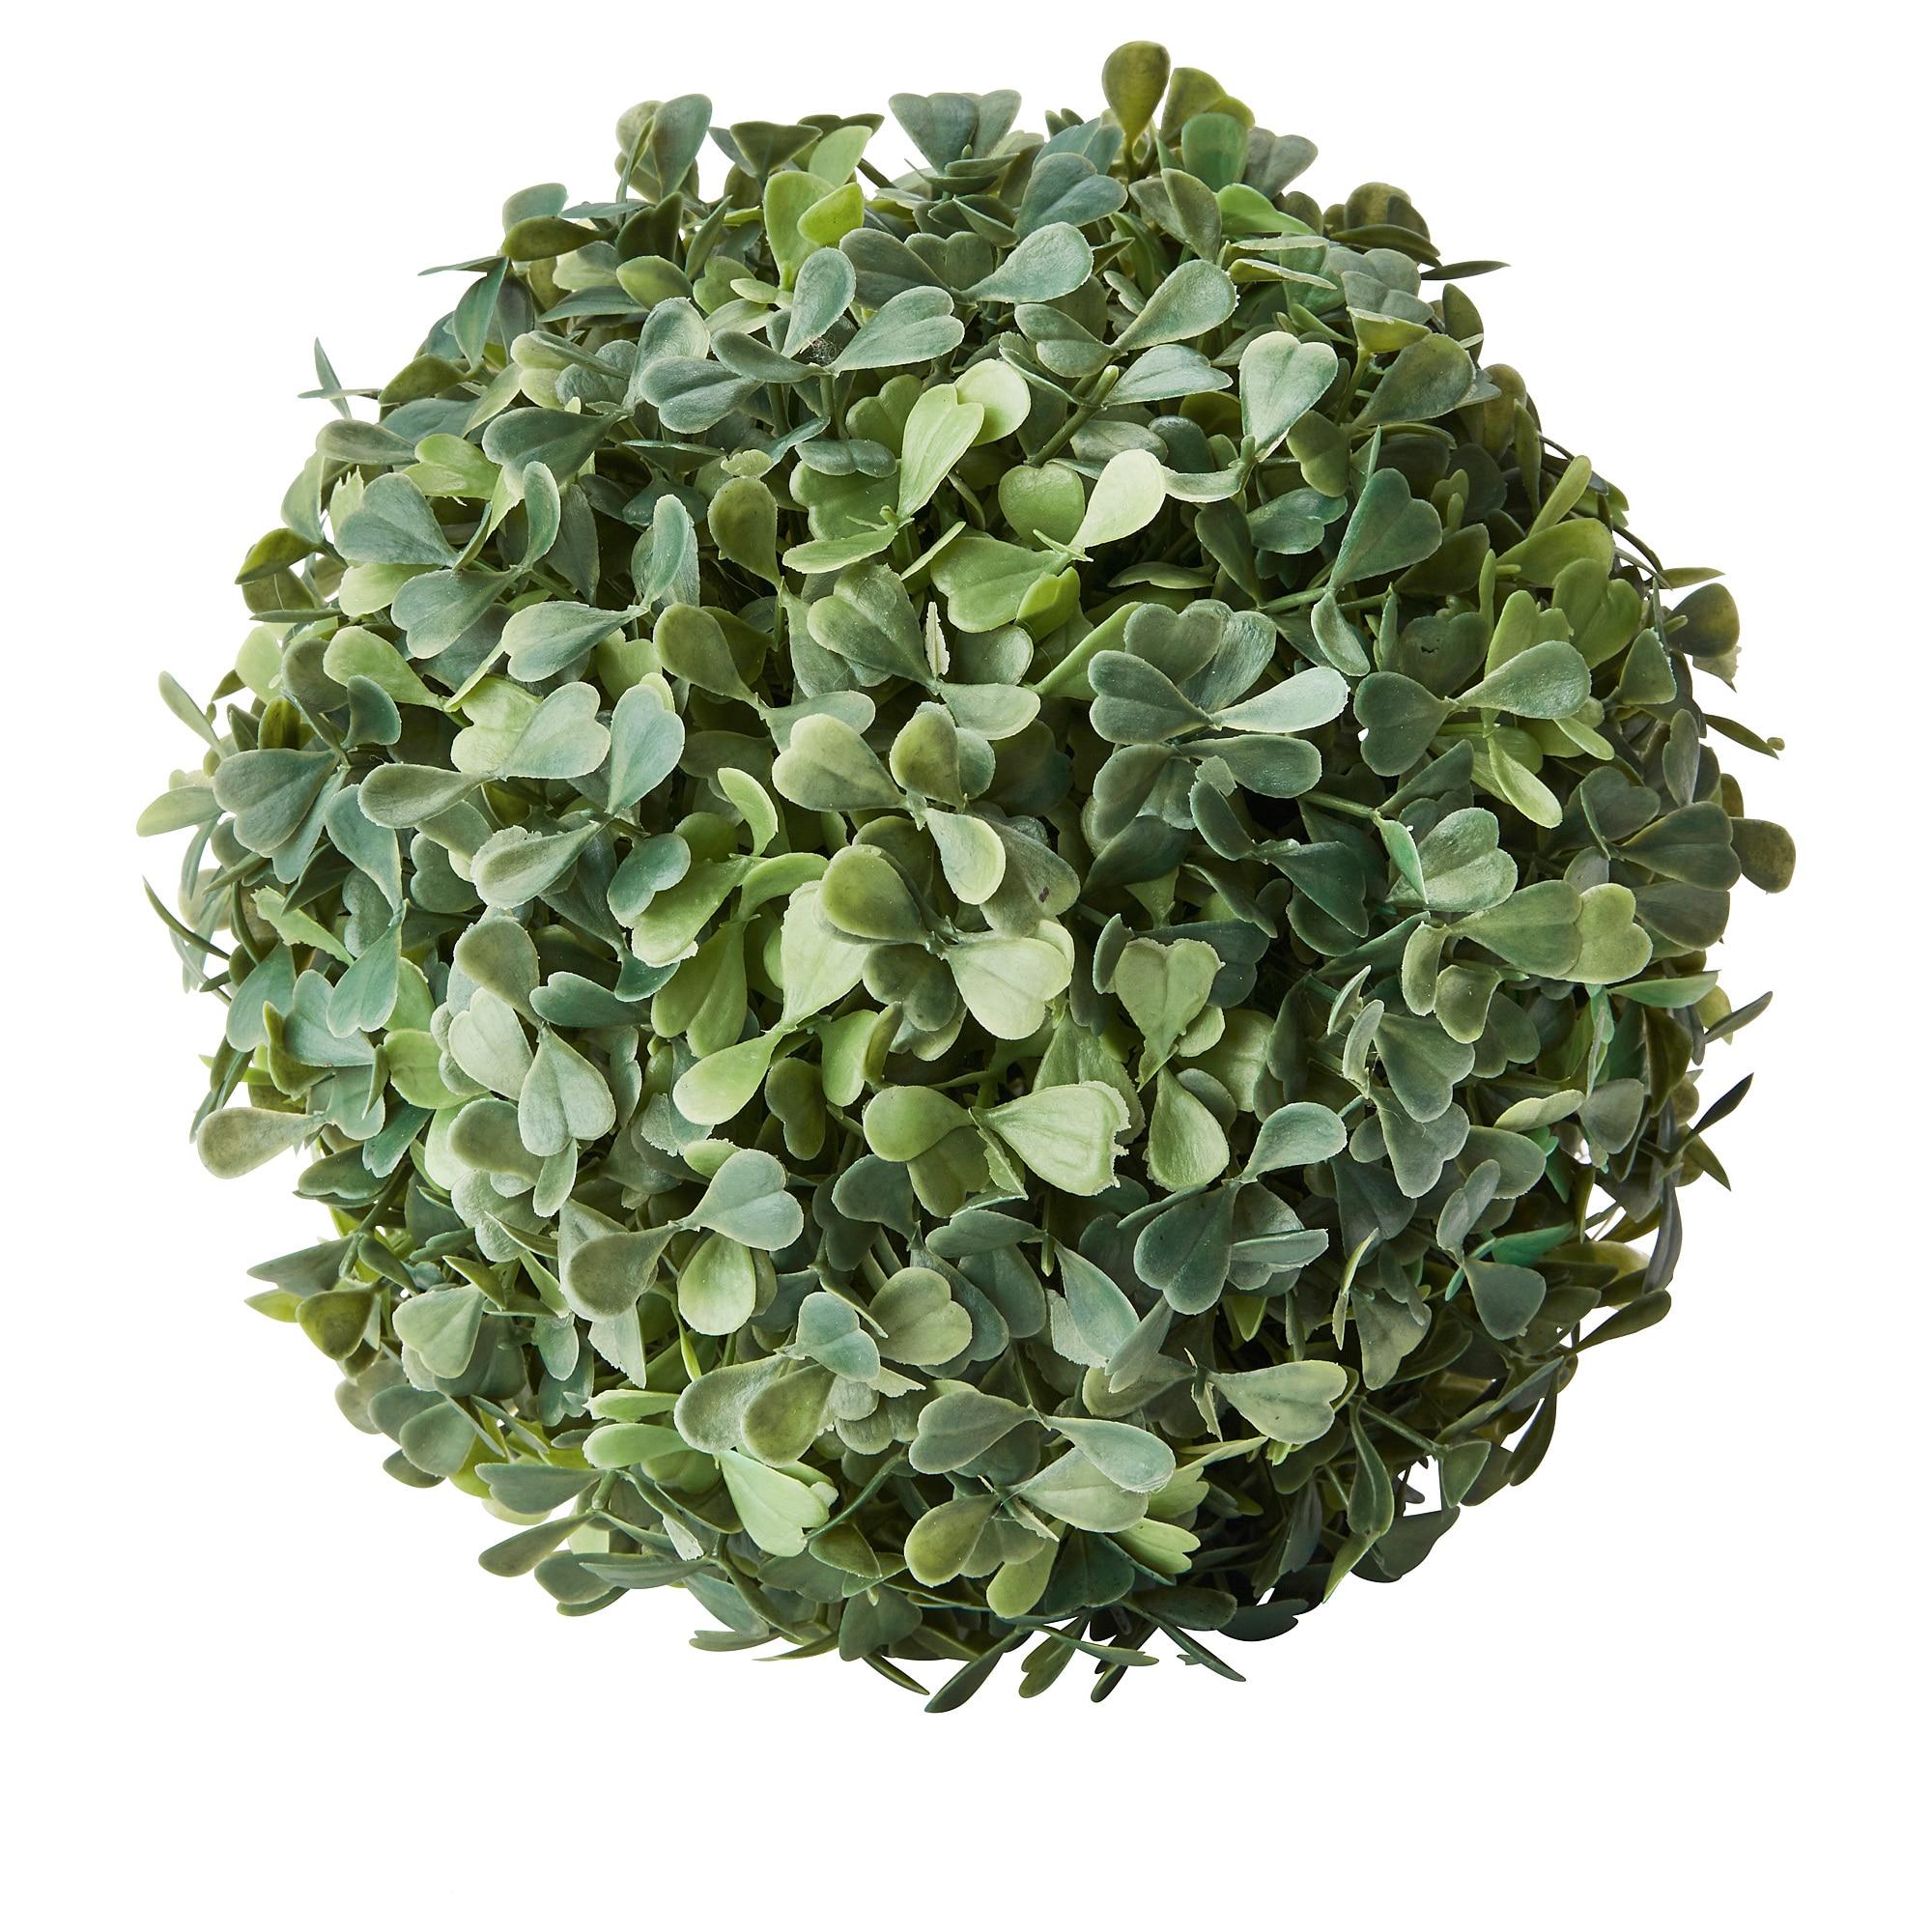 Растение искусственное ФЕЙКА артикуль № 004.015.78 в наличии. Online магазин IKEA Республика Беларусь. Быстрая доставка и установка.